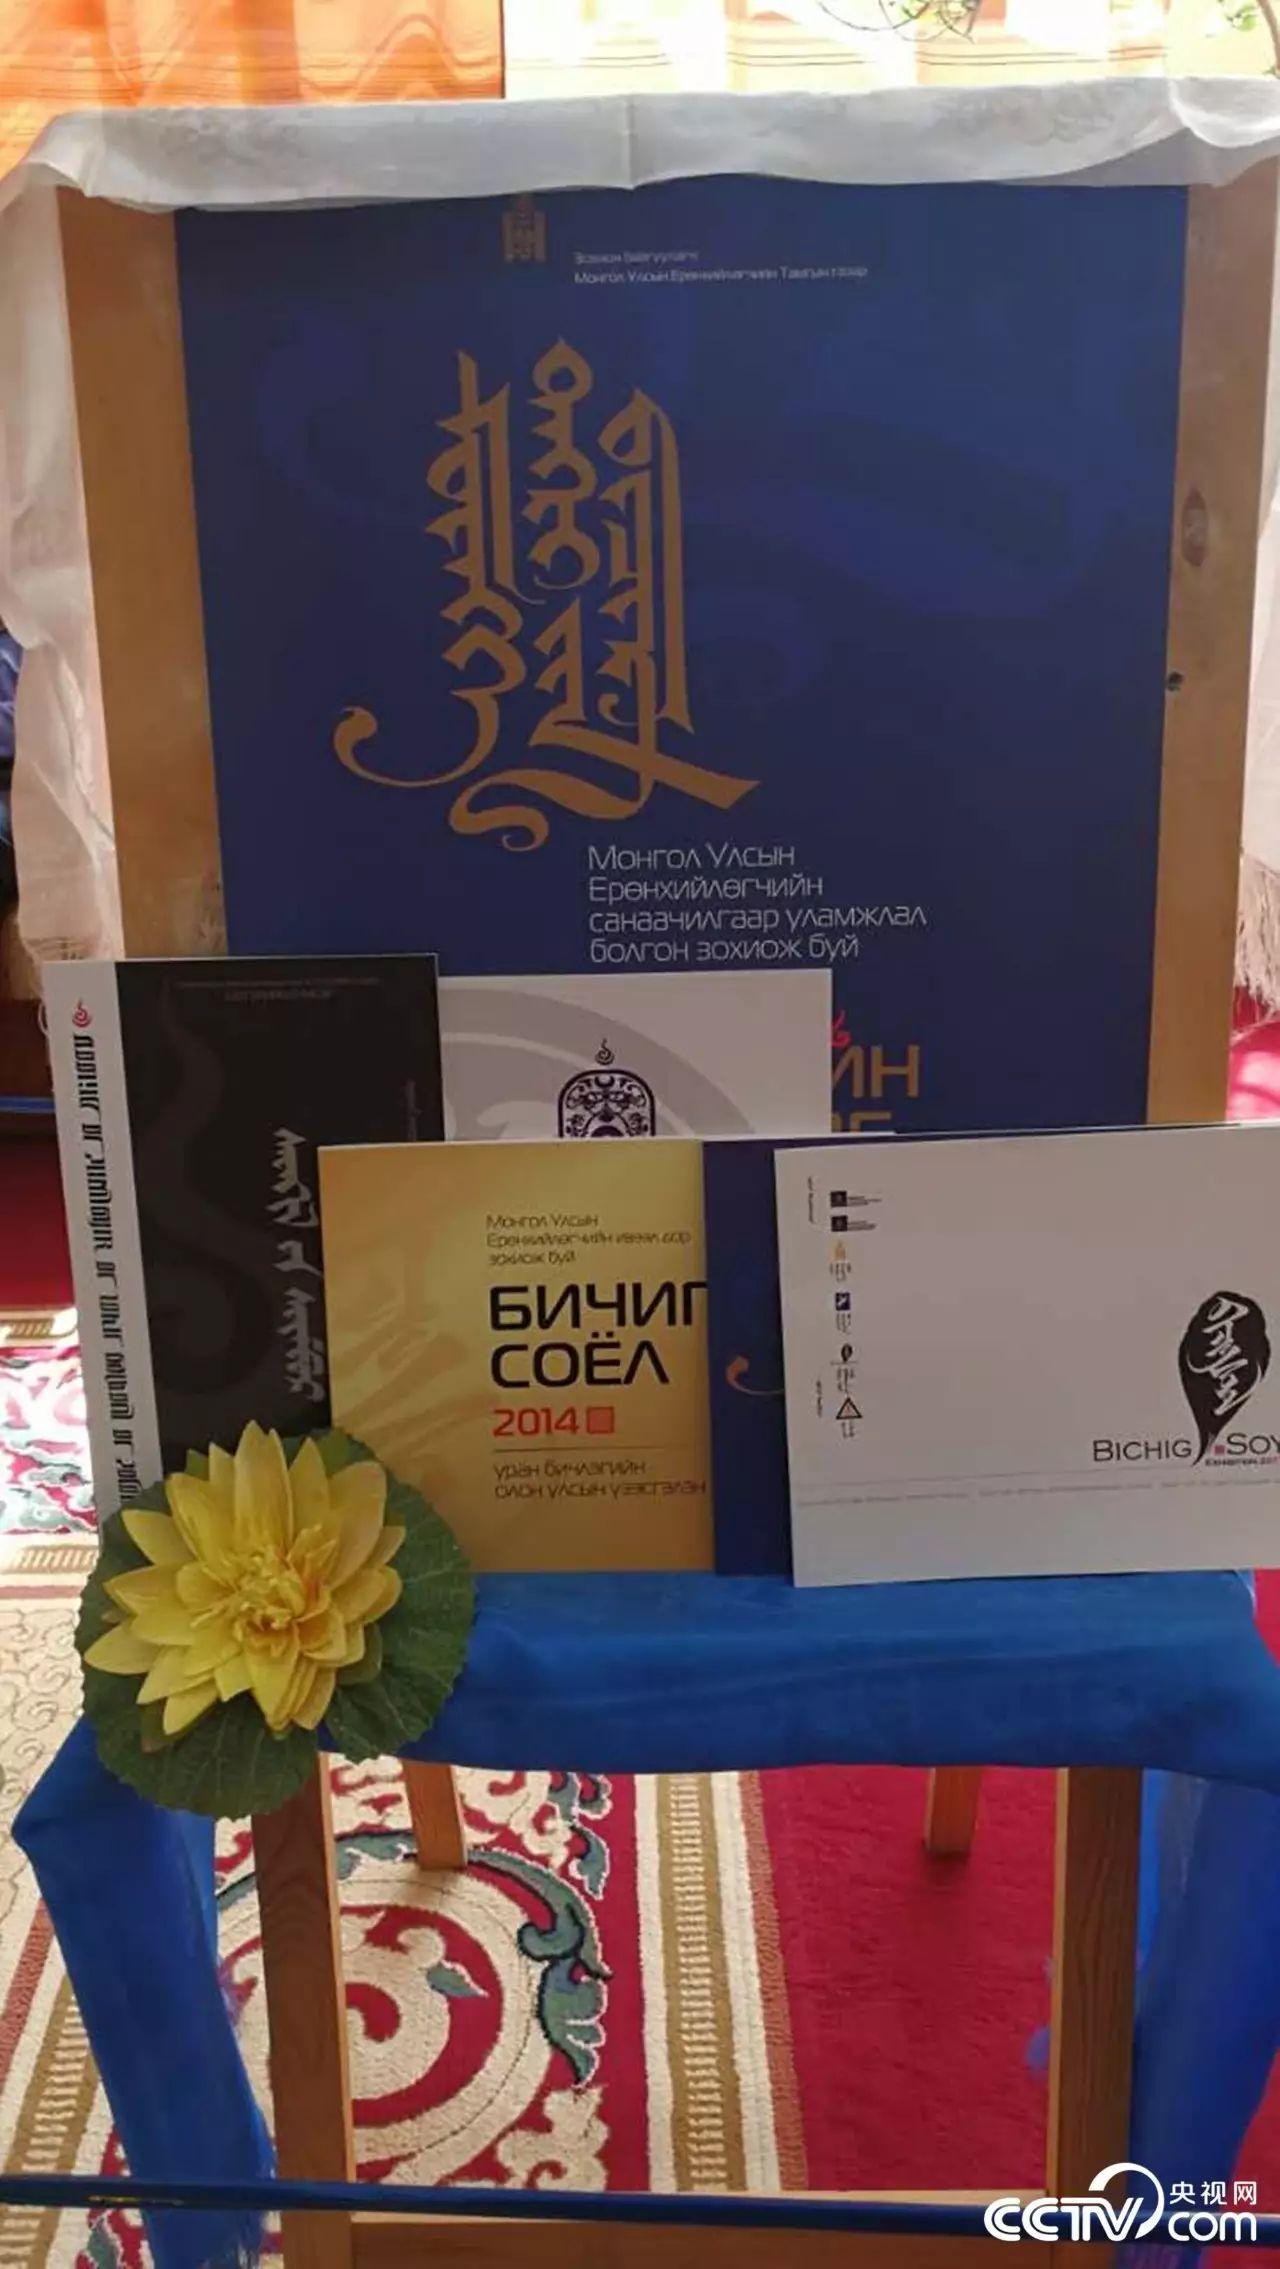 卡尔梅克共和国首次举办蒙古书法展览 第24张